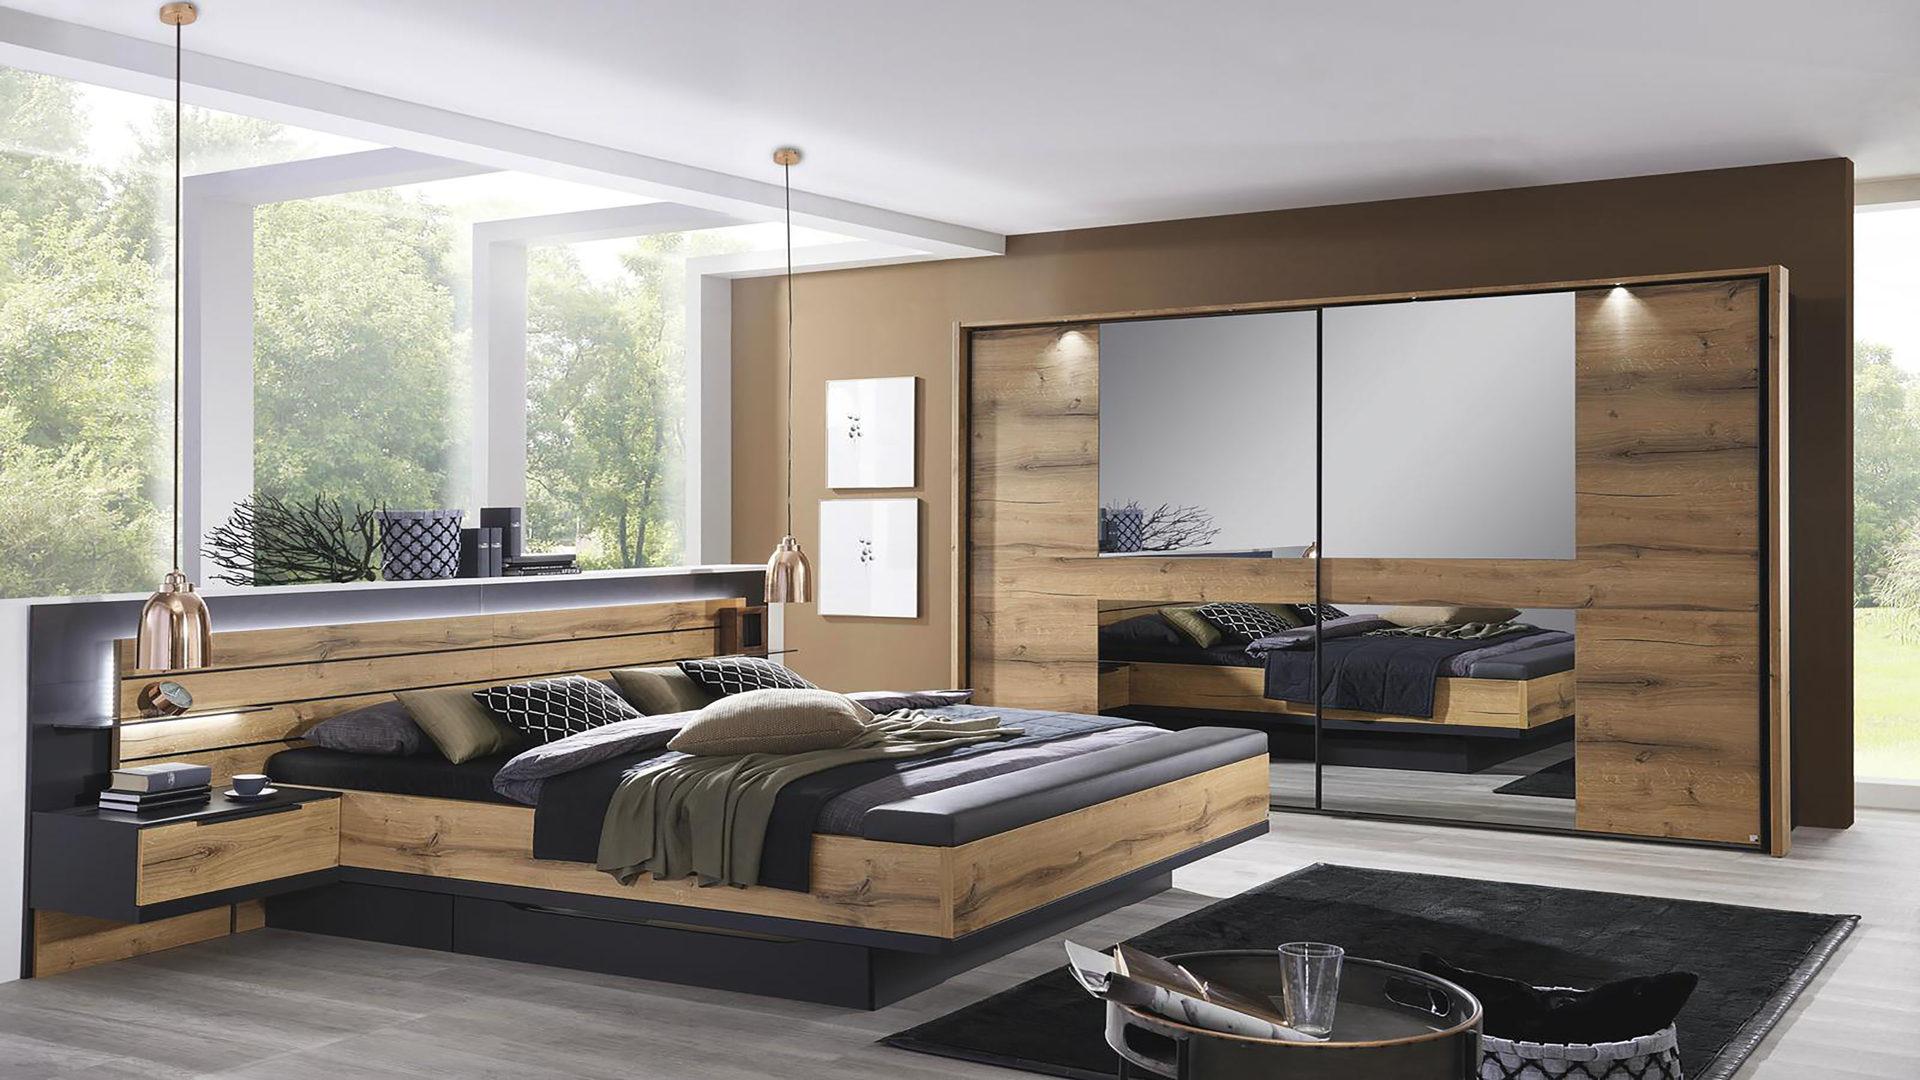 Möbel Böck, Räume, Schlafzimmer, Komplettzimmer ...